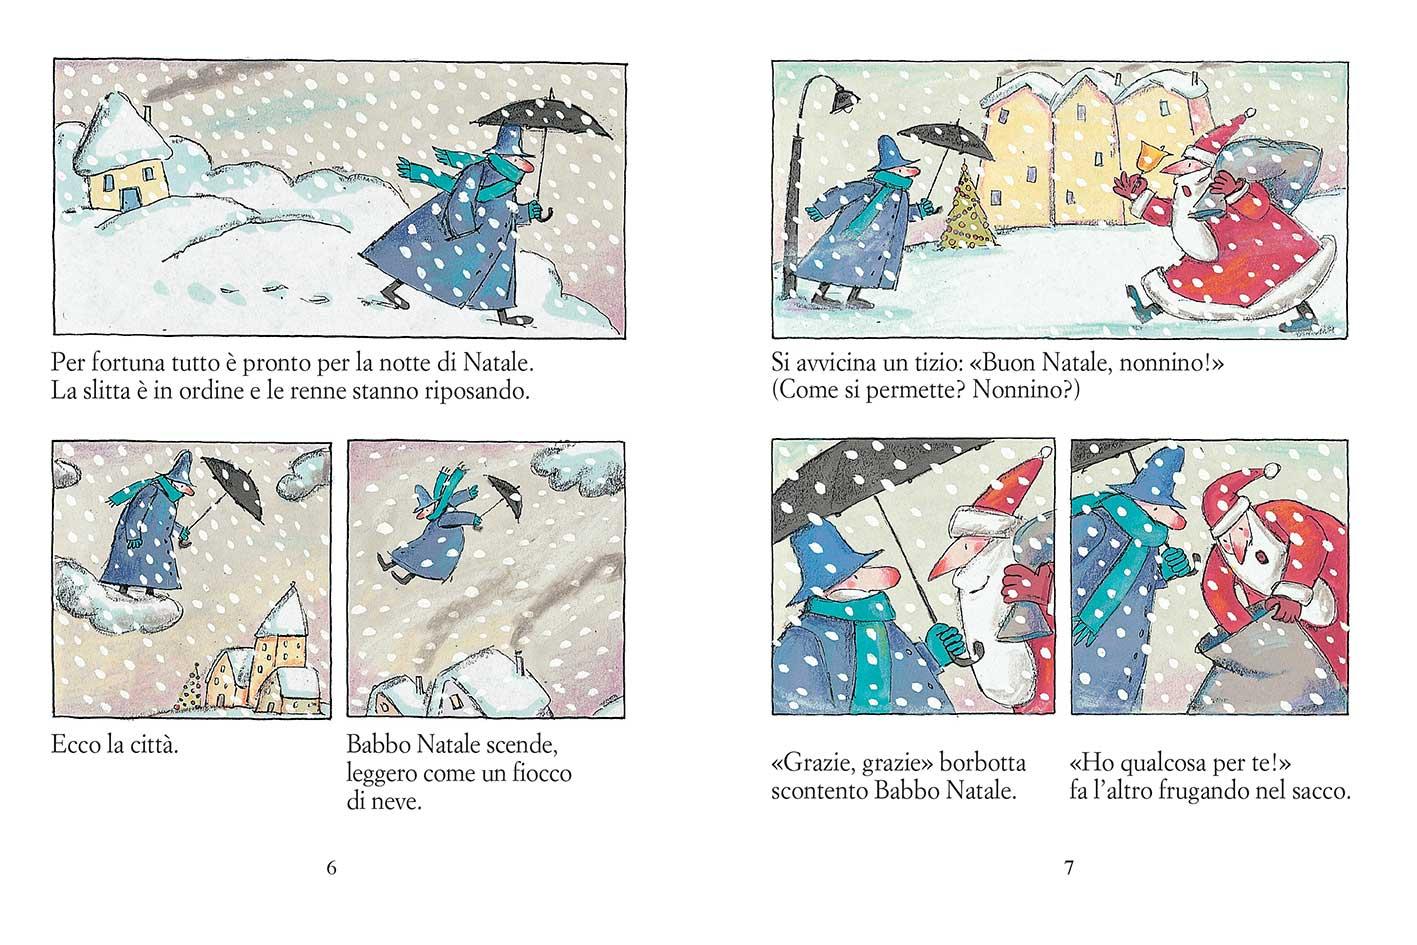 Orecchia, Babbo Natale e i Babbi finti, libro illustrato di Natale per bambini Le rane Interlinea